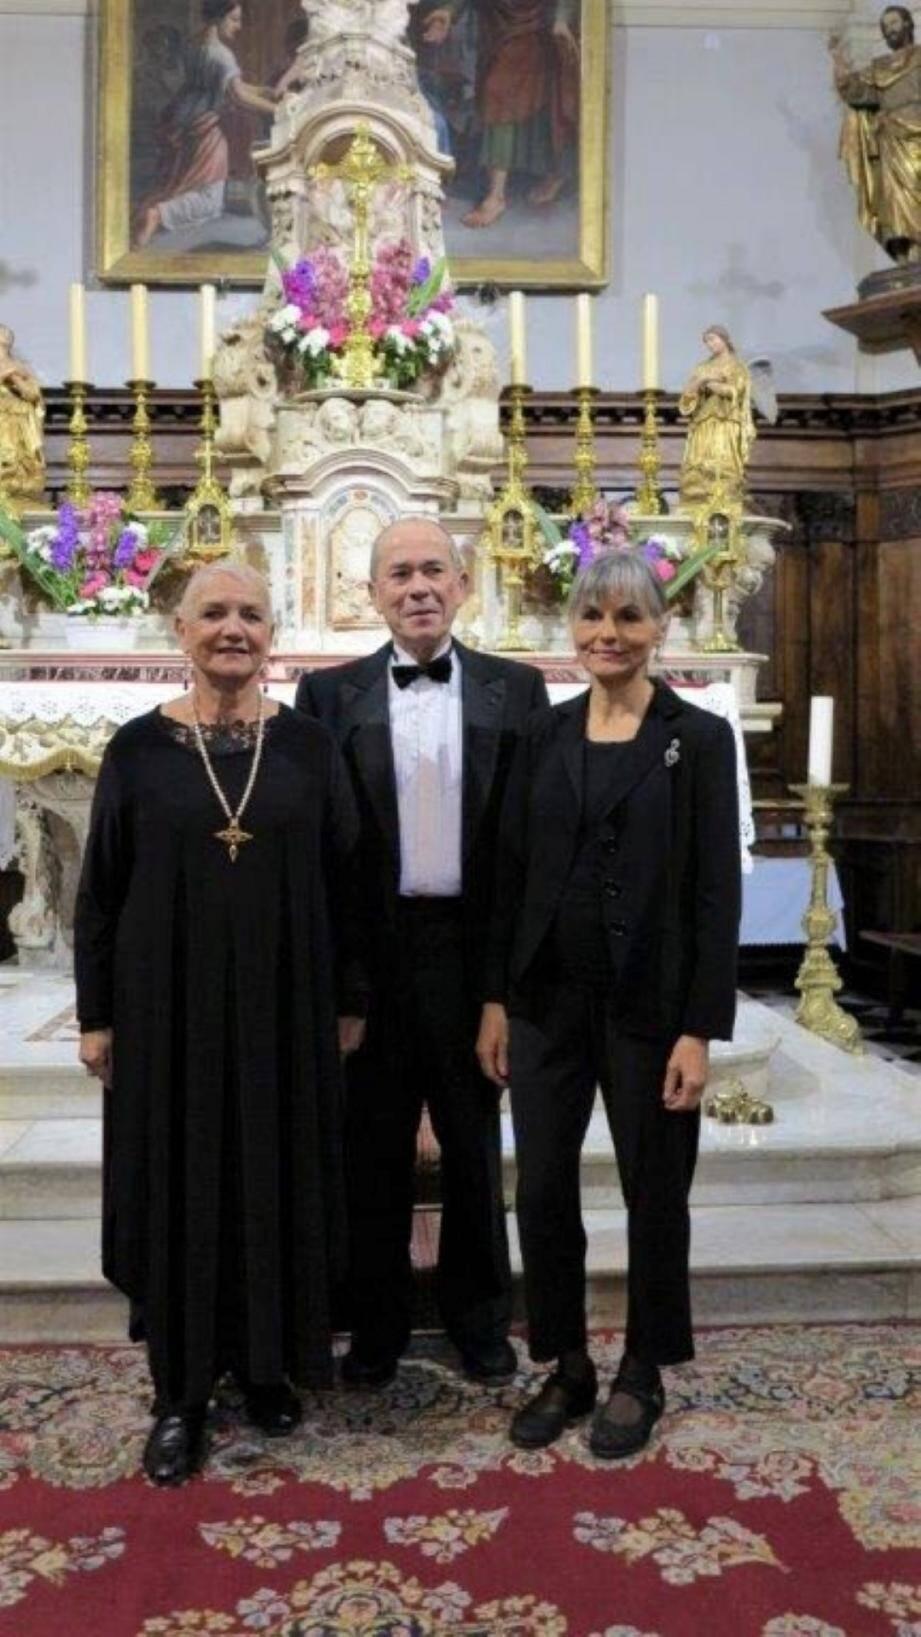 Yan Zawacki mezzo soprano, Lydia Kawecka claveciniste et chanteuse de Verone, et Dominique Deville seront accompagnés par Alain Pupier, chef du chœur. (Repro DR)